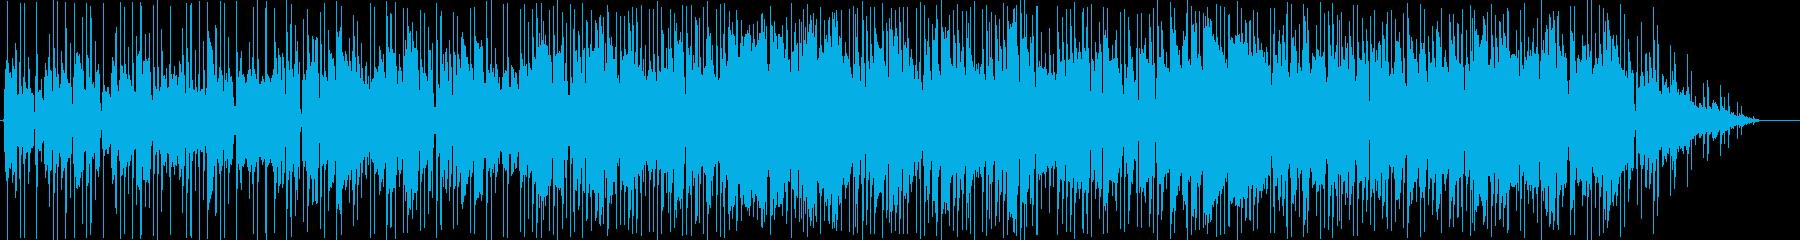 少しジャズの雰囲気がある、ゆったりとし…の再生済みの波形